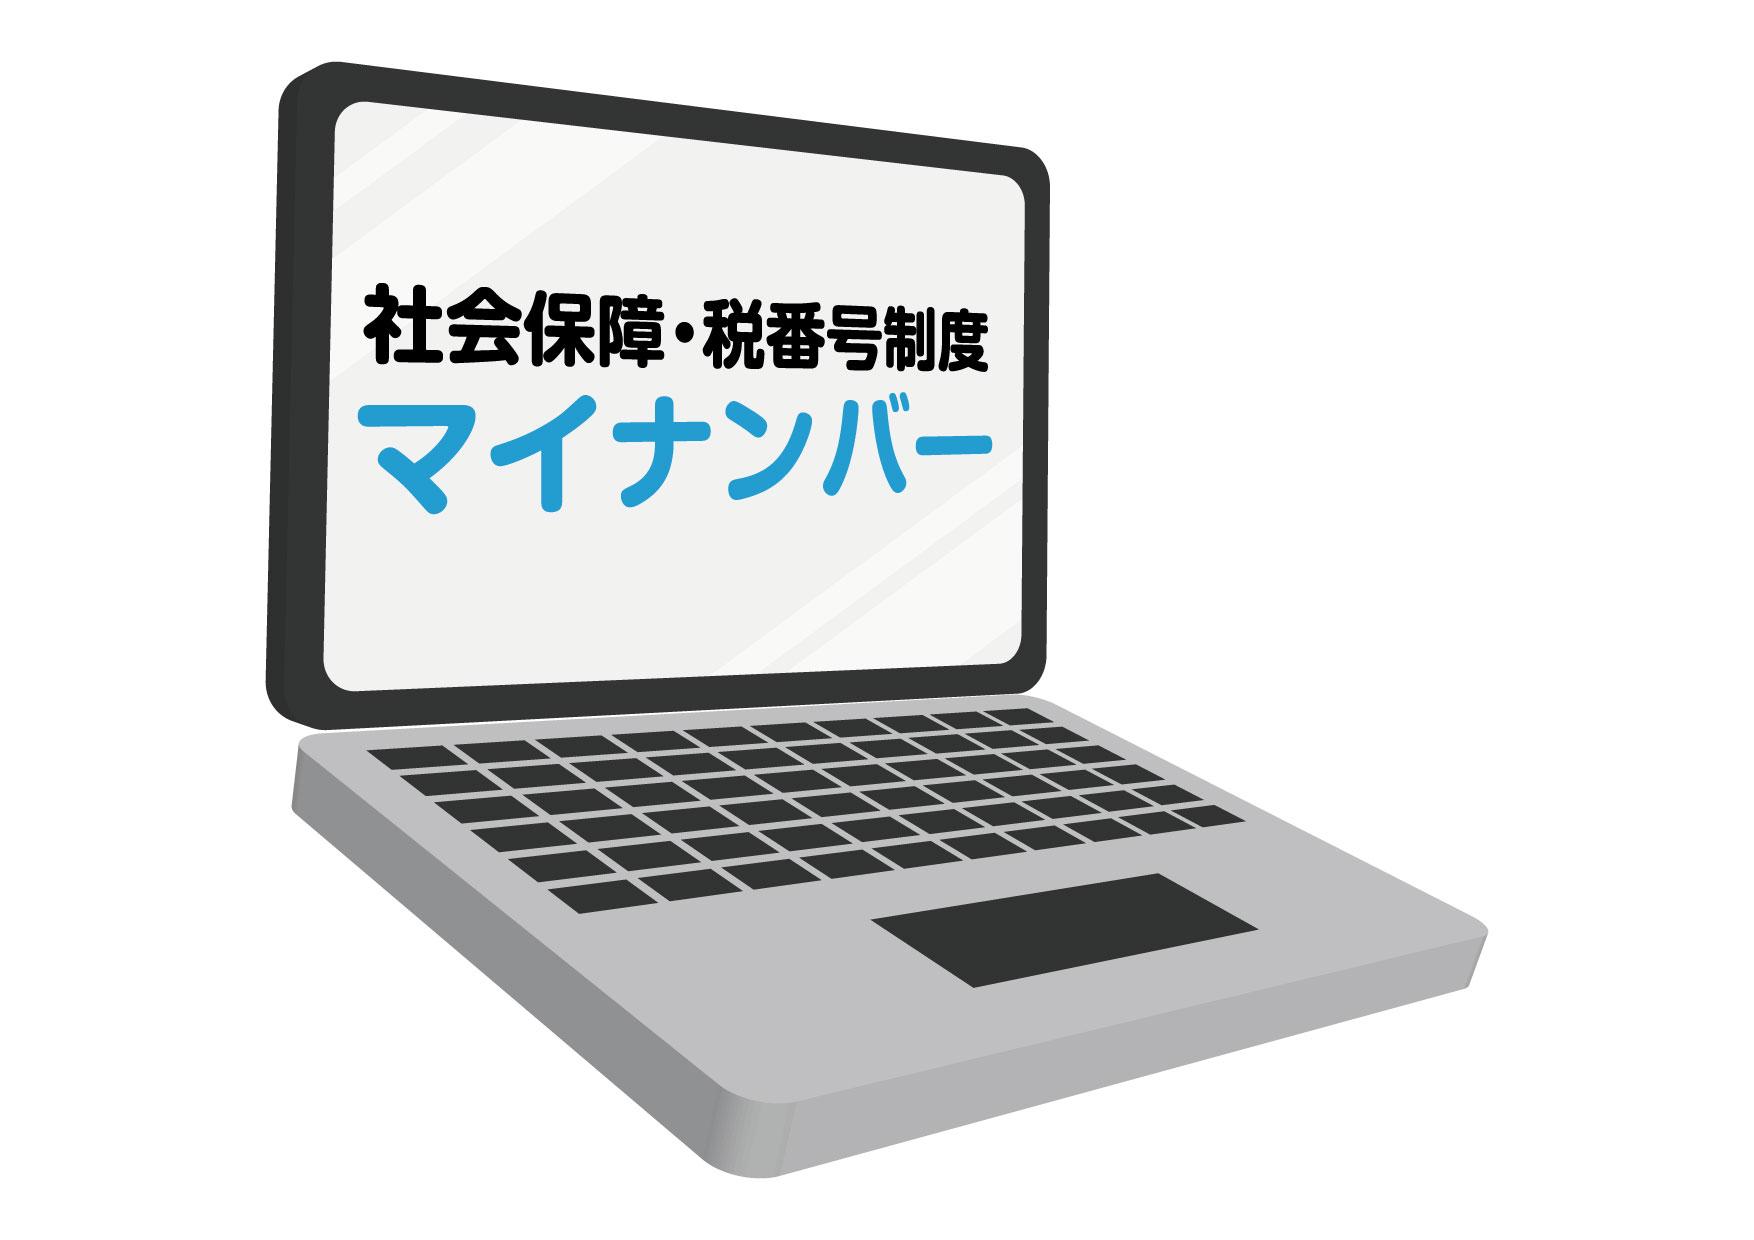 マイナンバー パソコン イラスト 無料